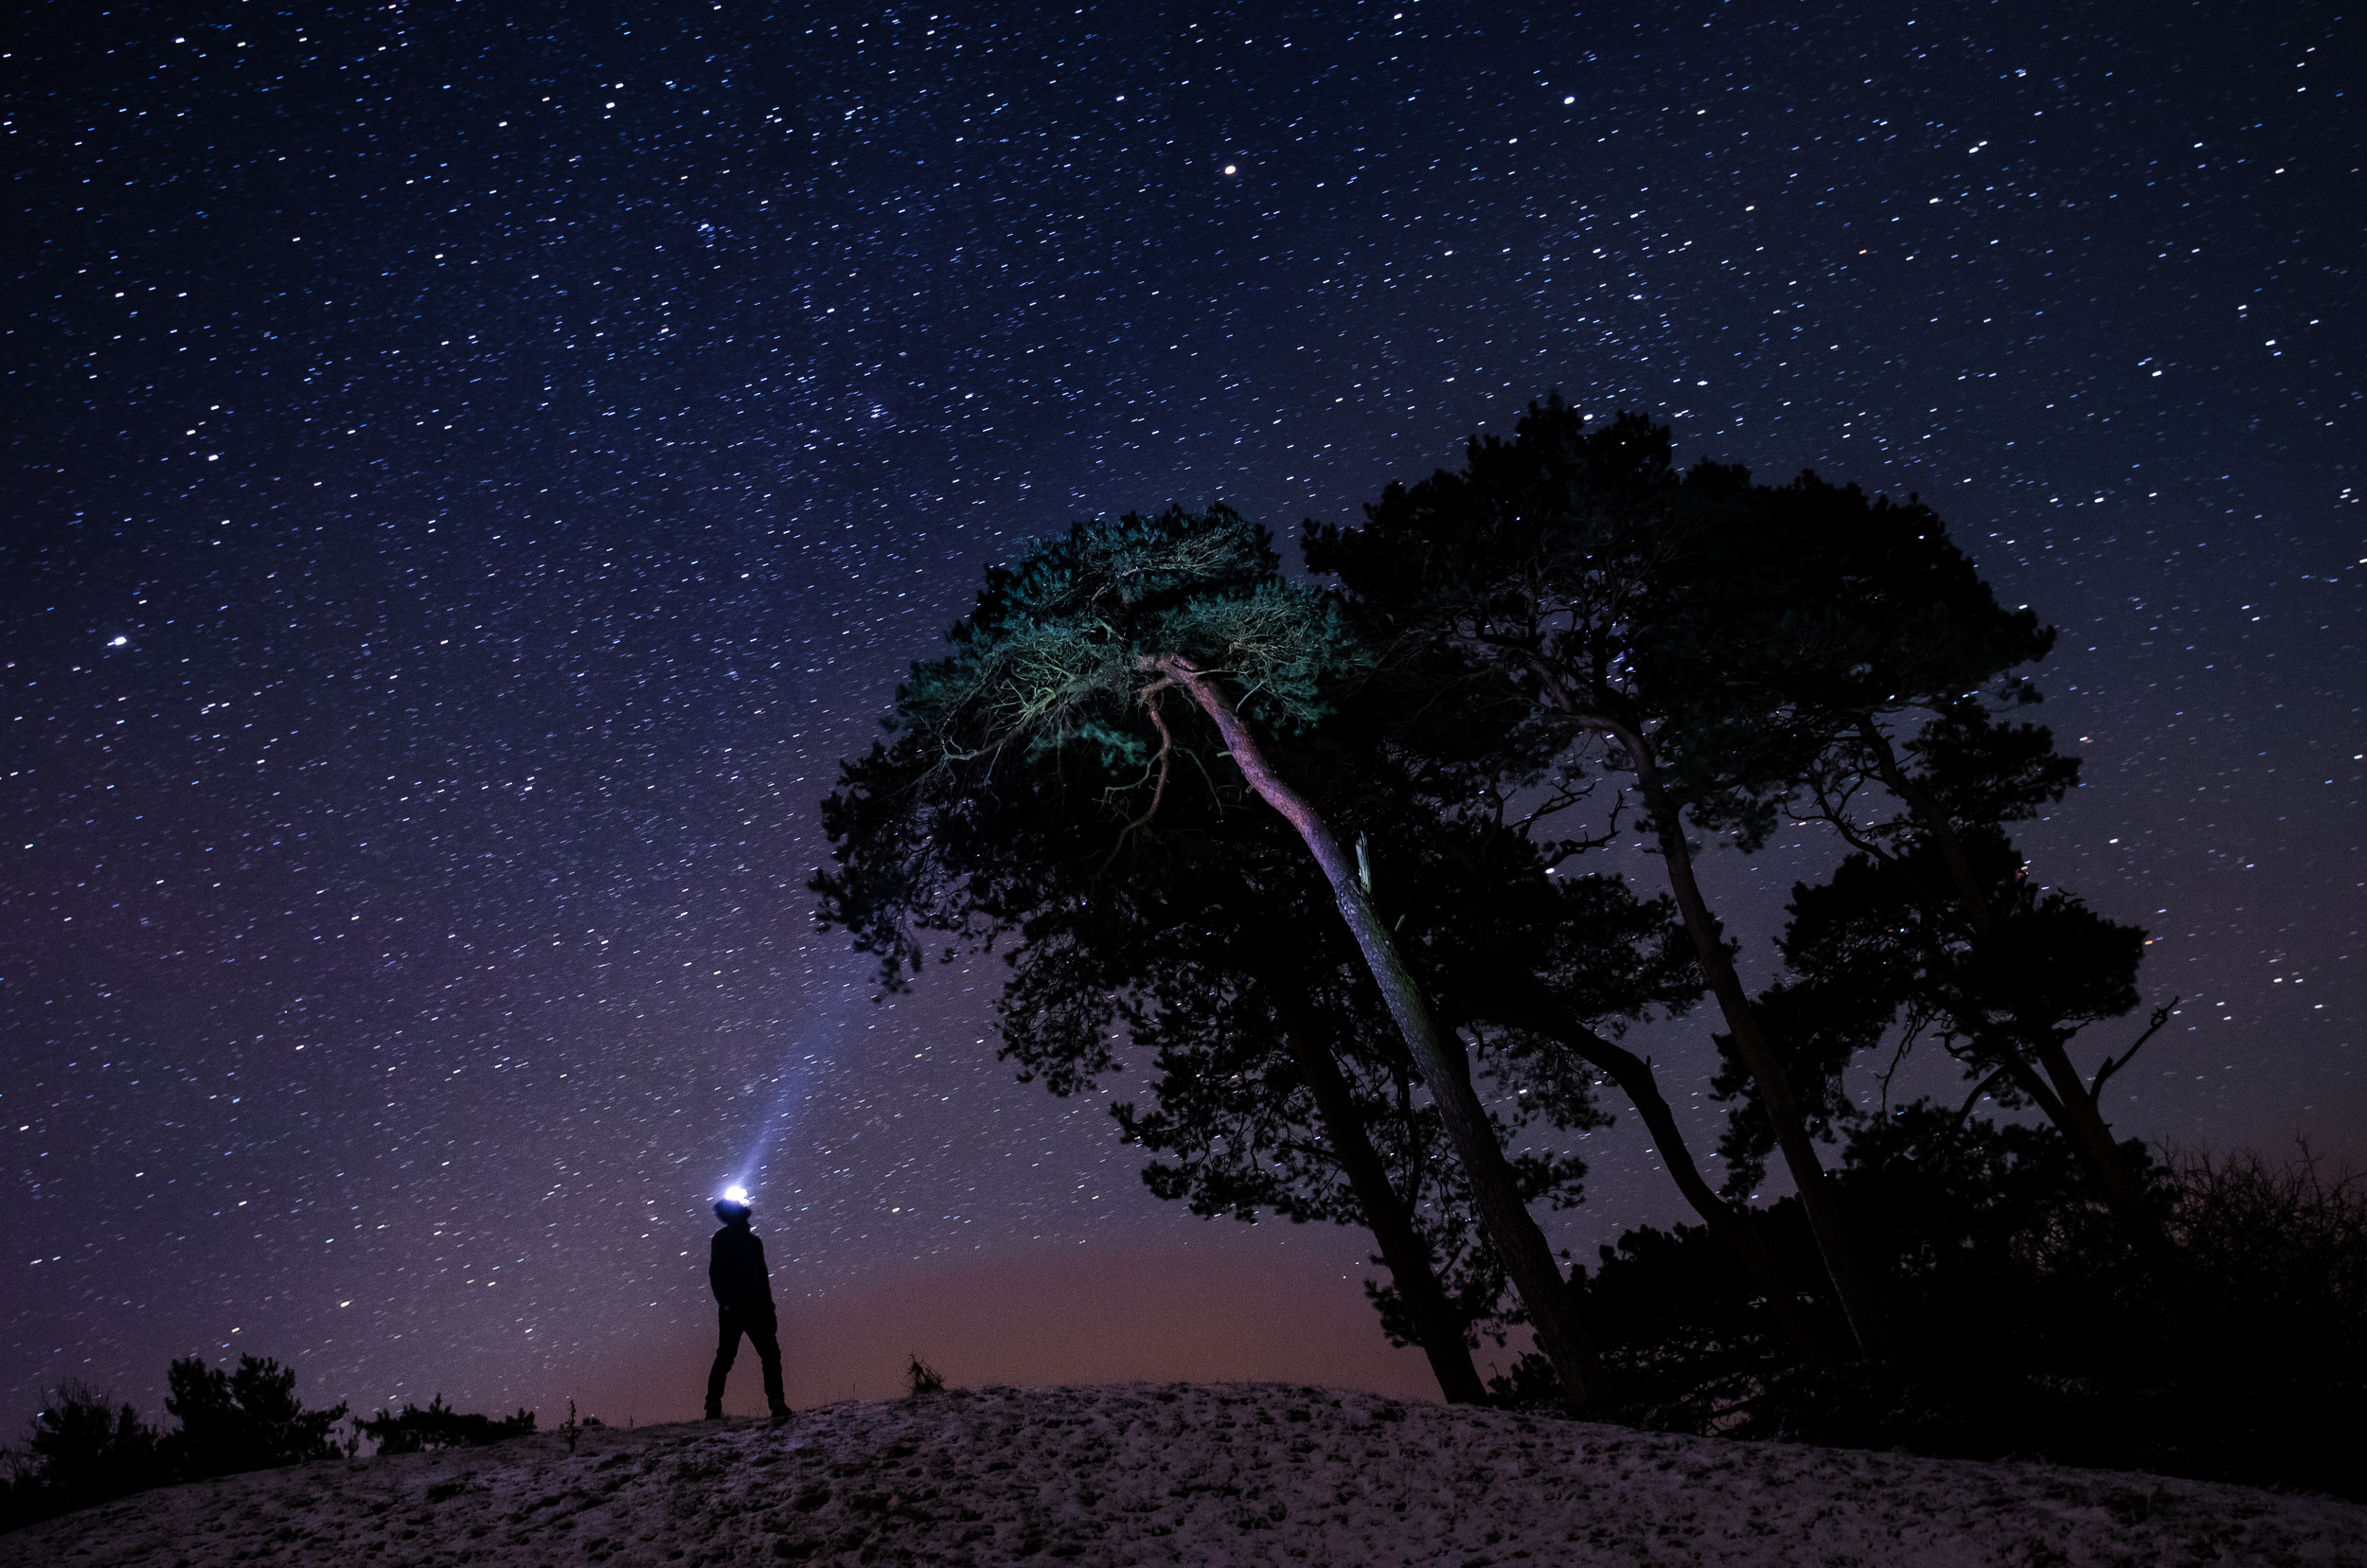 star-photography-naesen-creative-gustav-emil-thuesen-blog